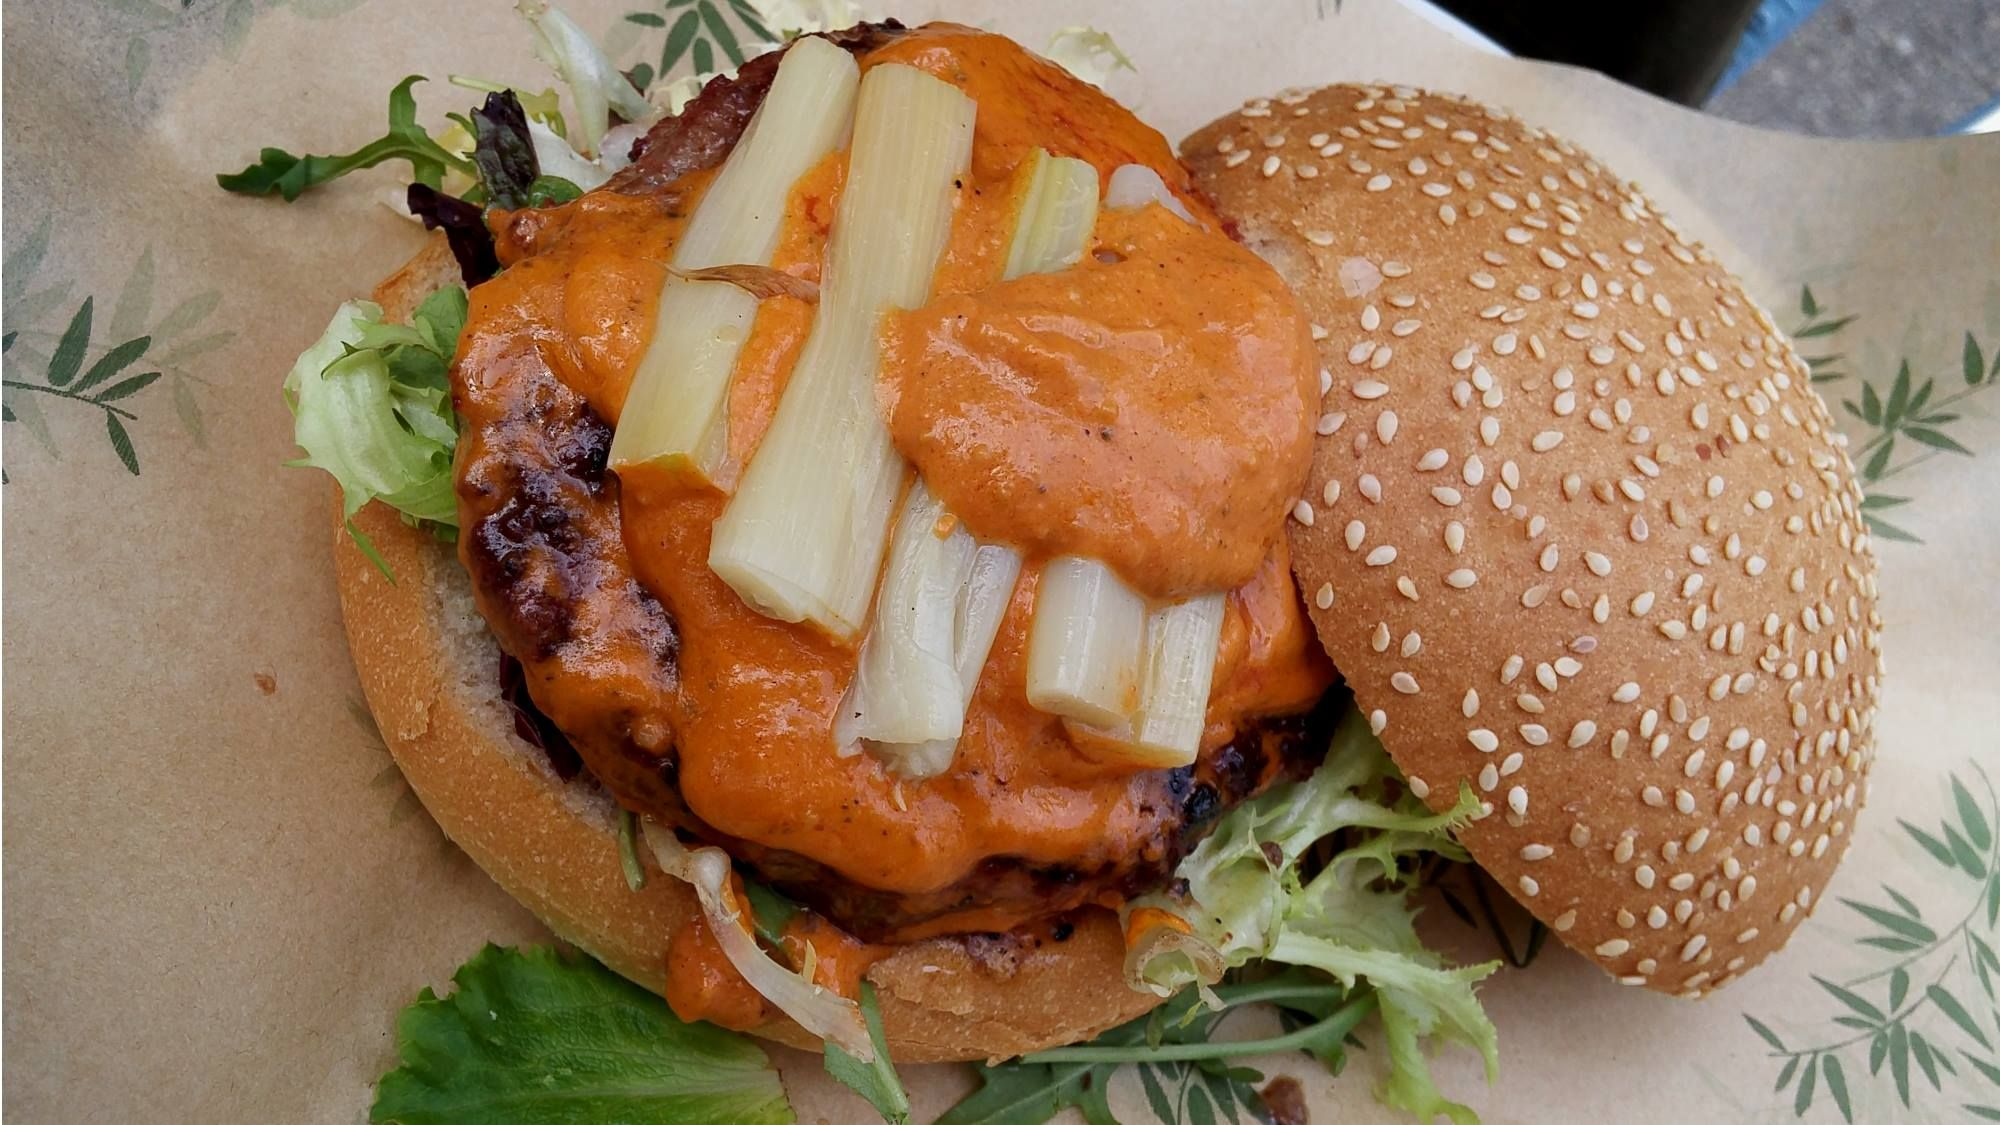 Hoy hemos estado en La Informal, una hamburguesería gourmet situada en plena Rambla del Raval.